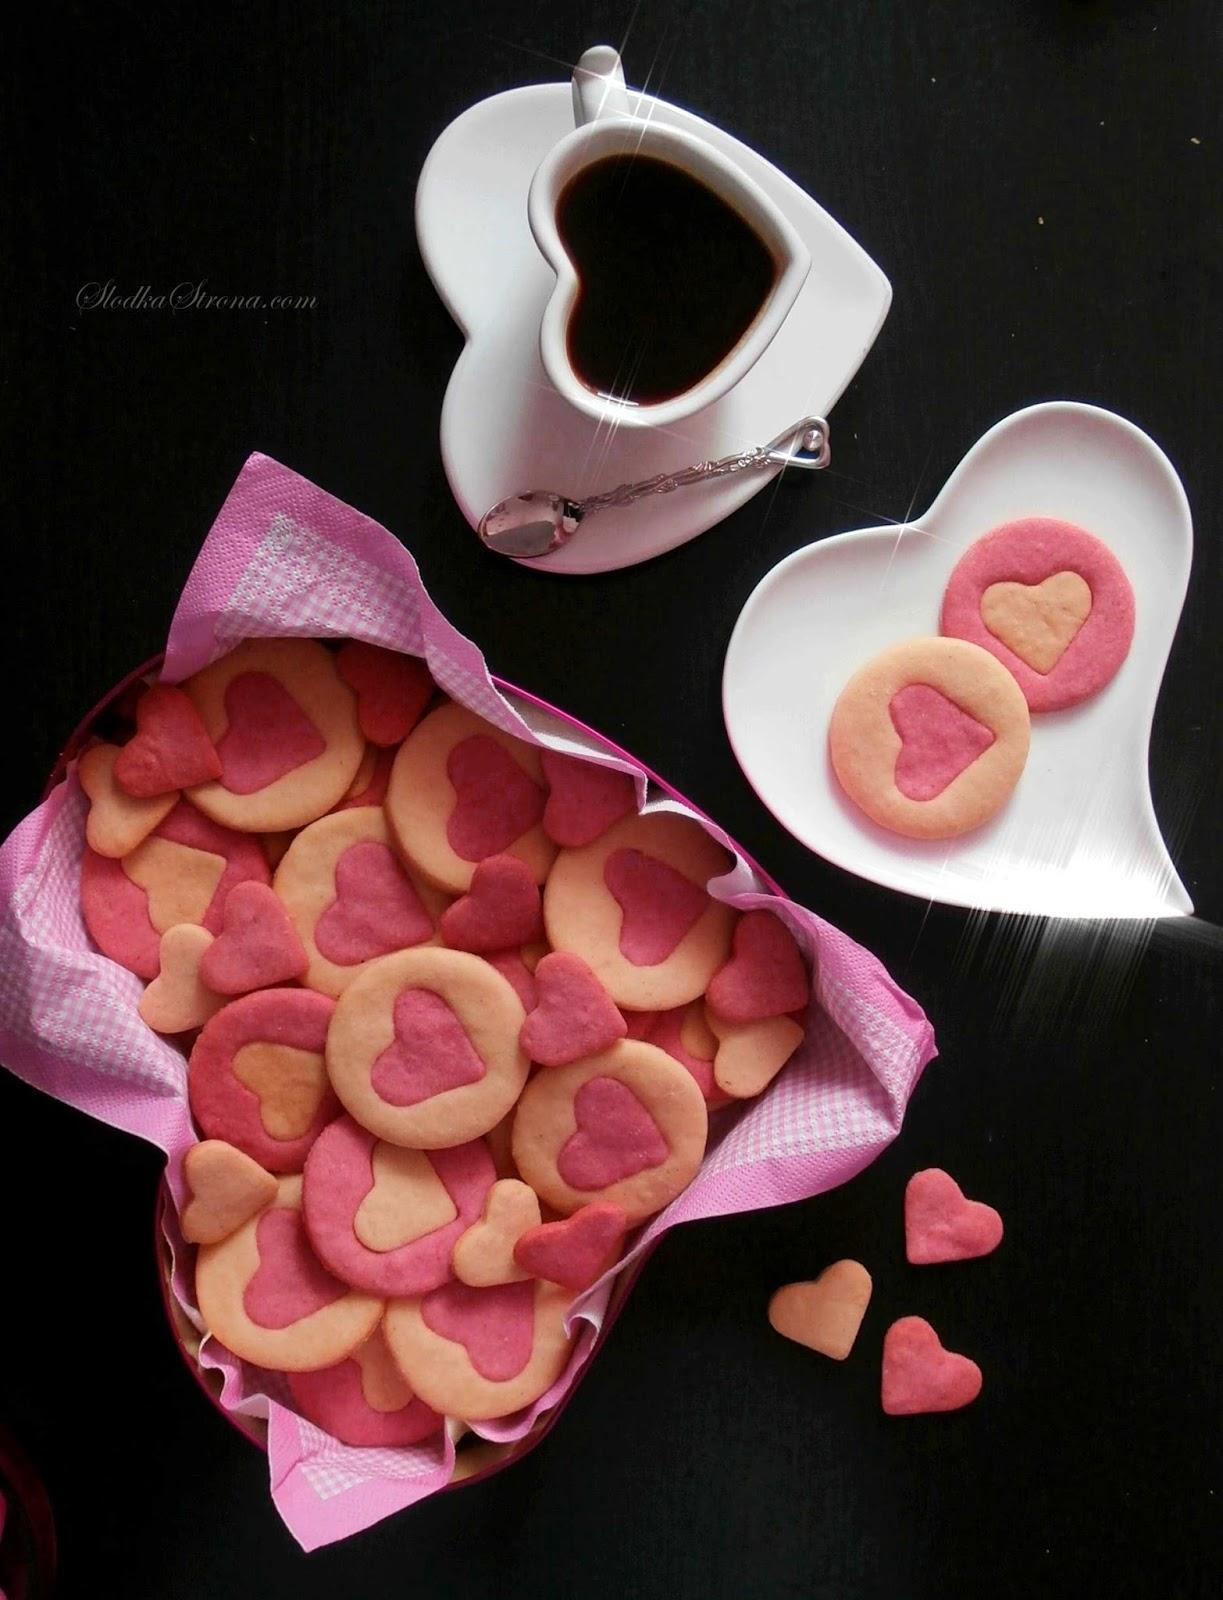 Ciasteczka z Serduszkami na Walentynki - Przepis - Słodka Strona